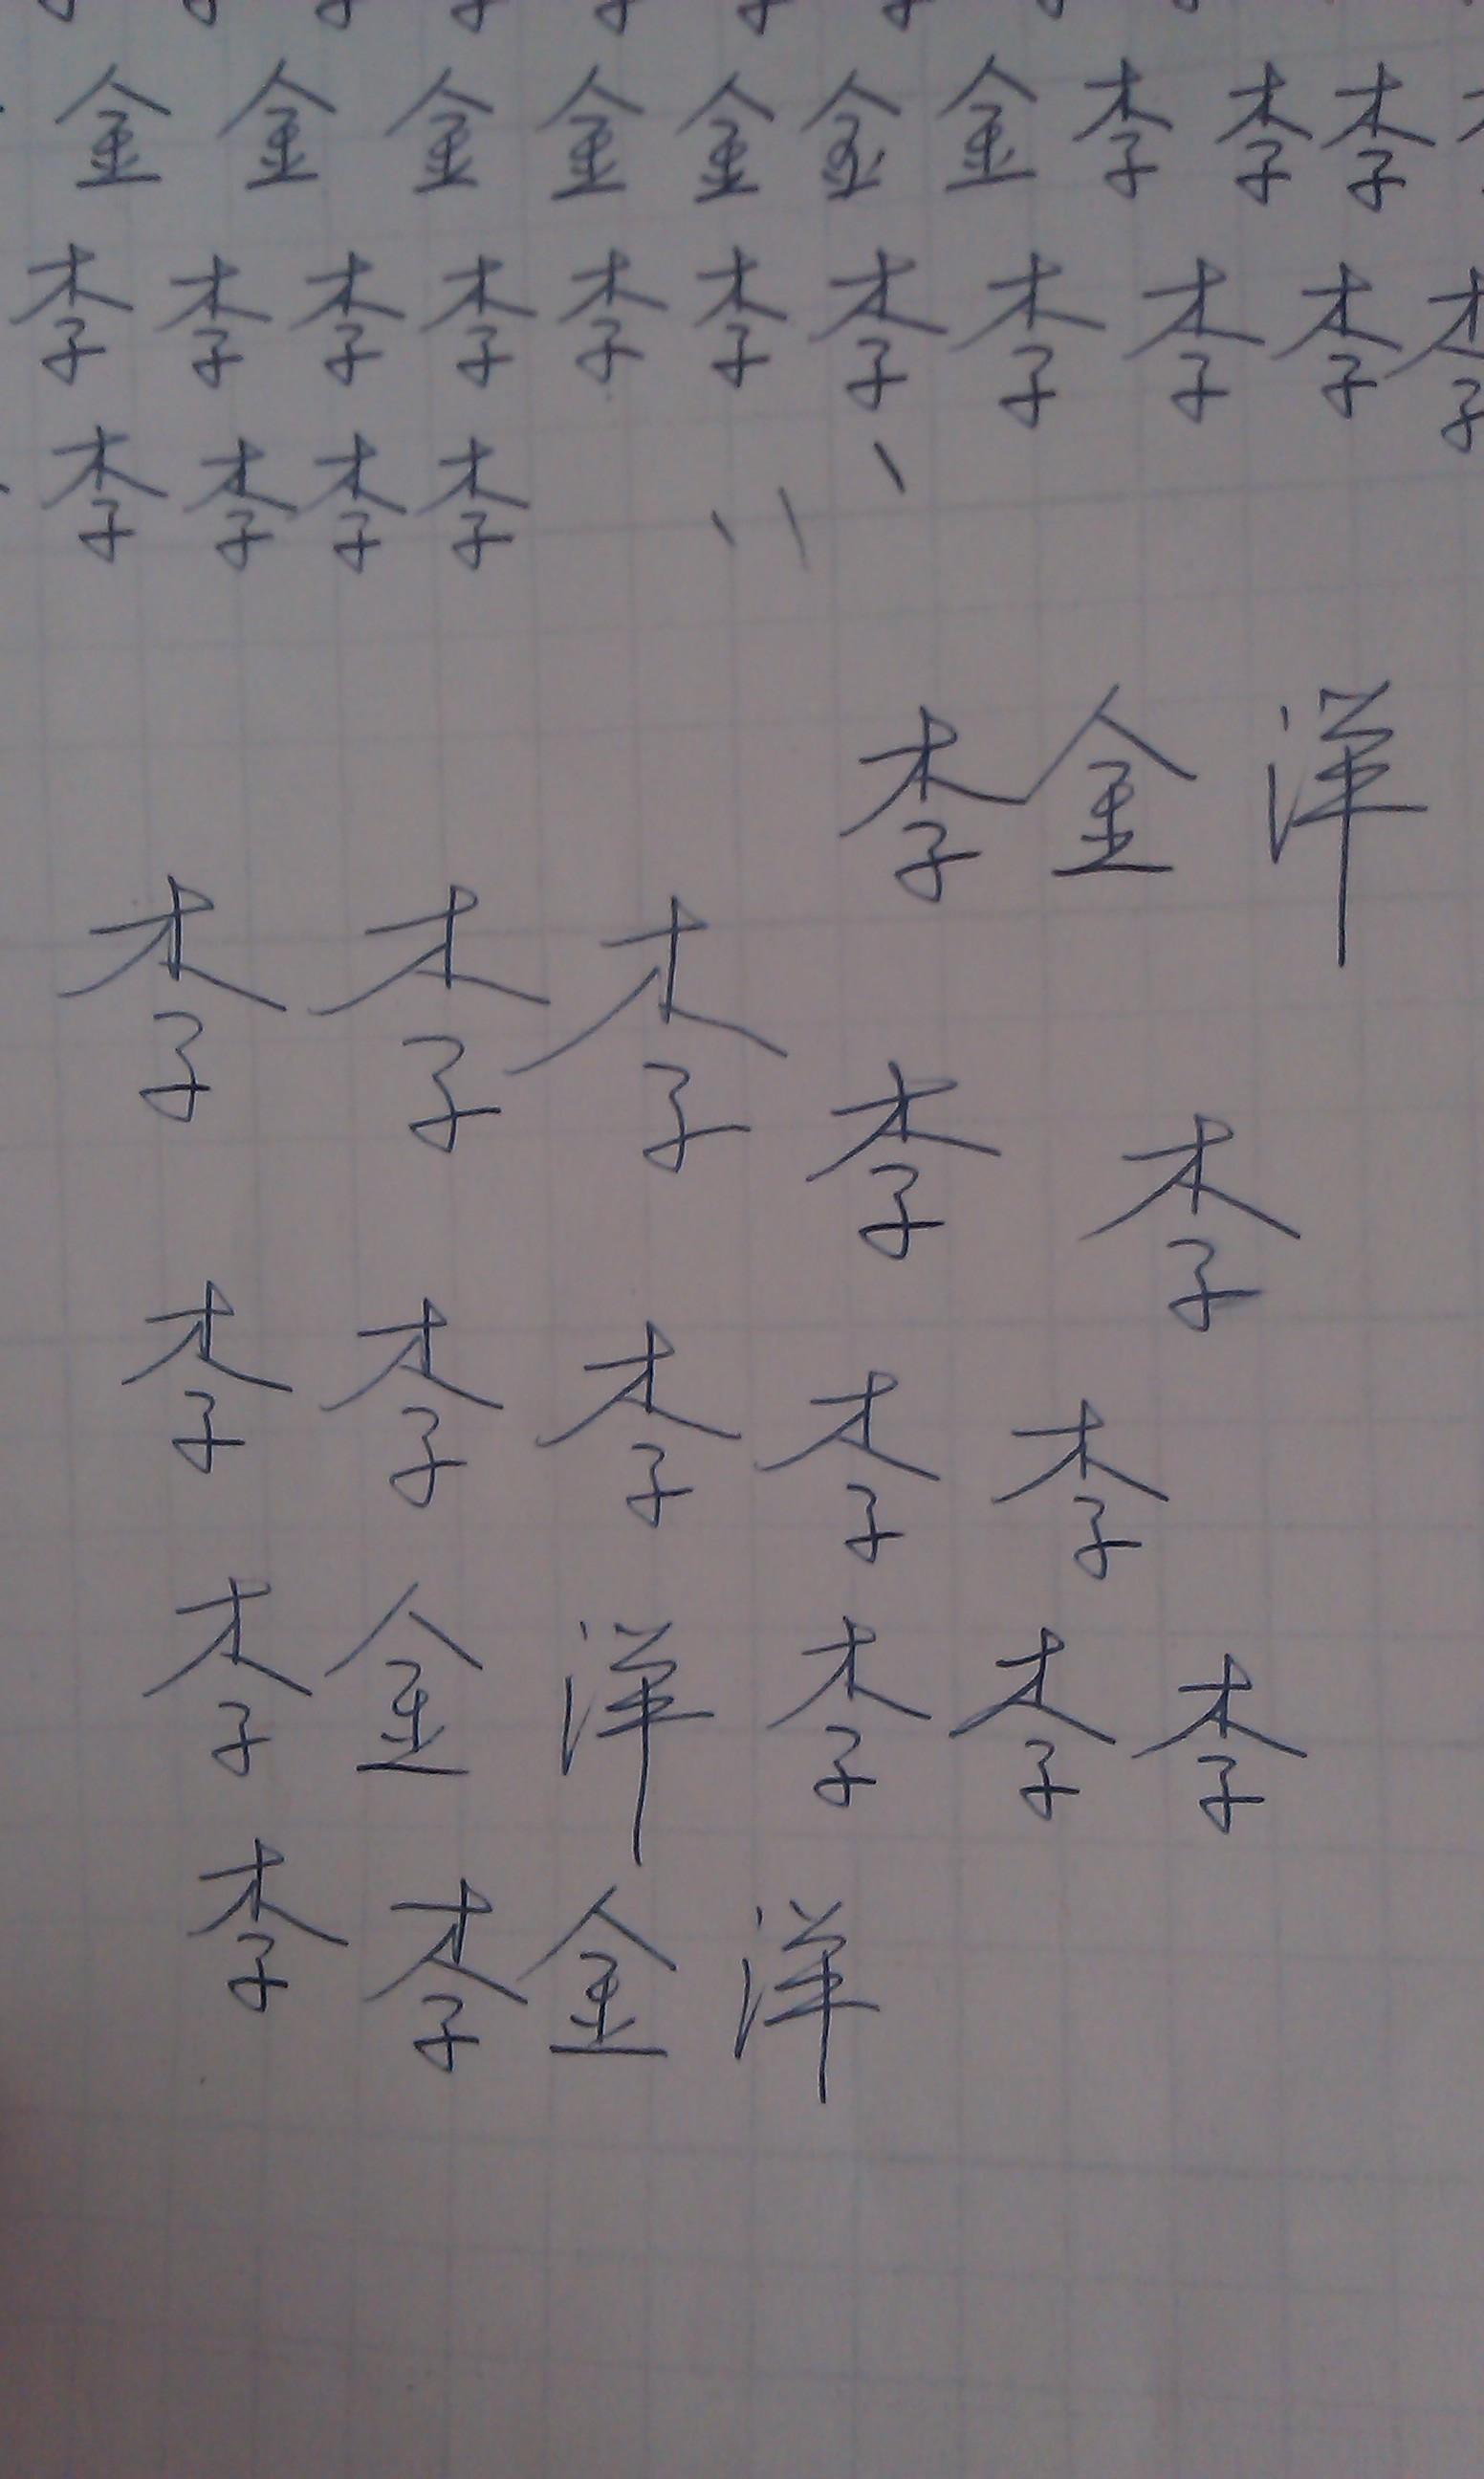 硬筆行書我的姓名,硬筆字寫得很好的進!圖片